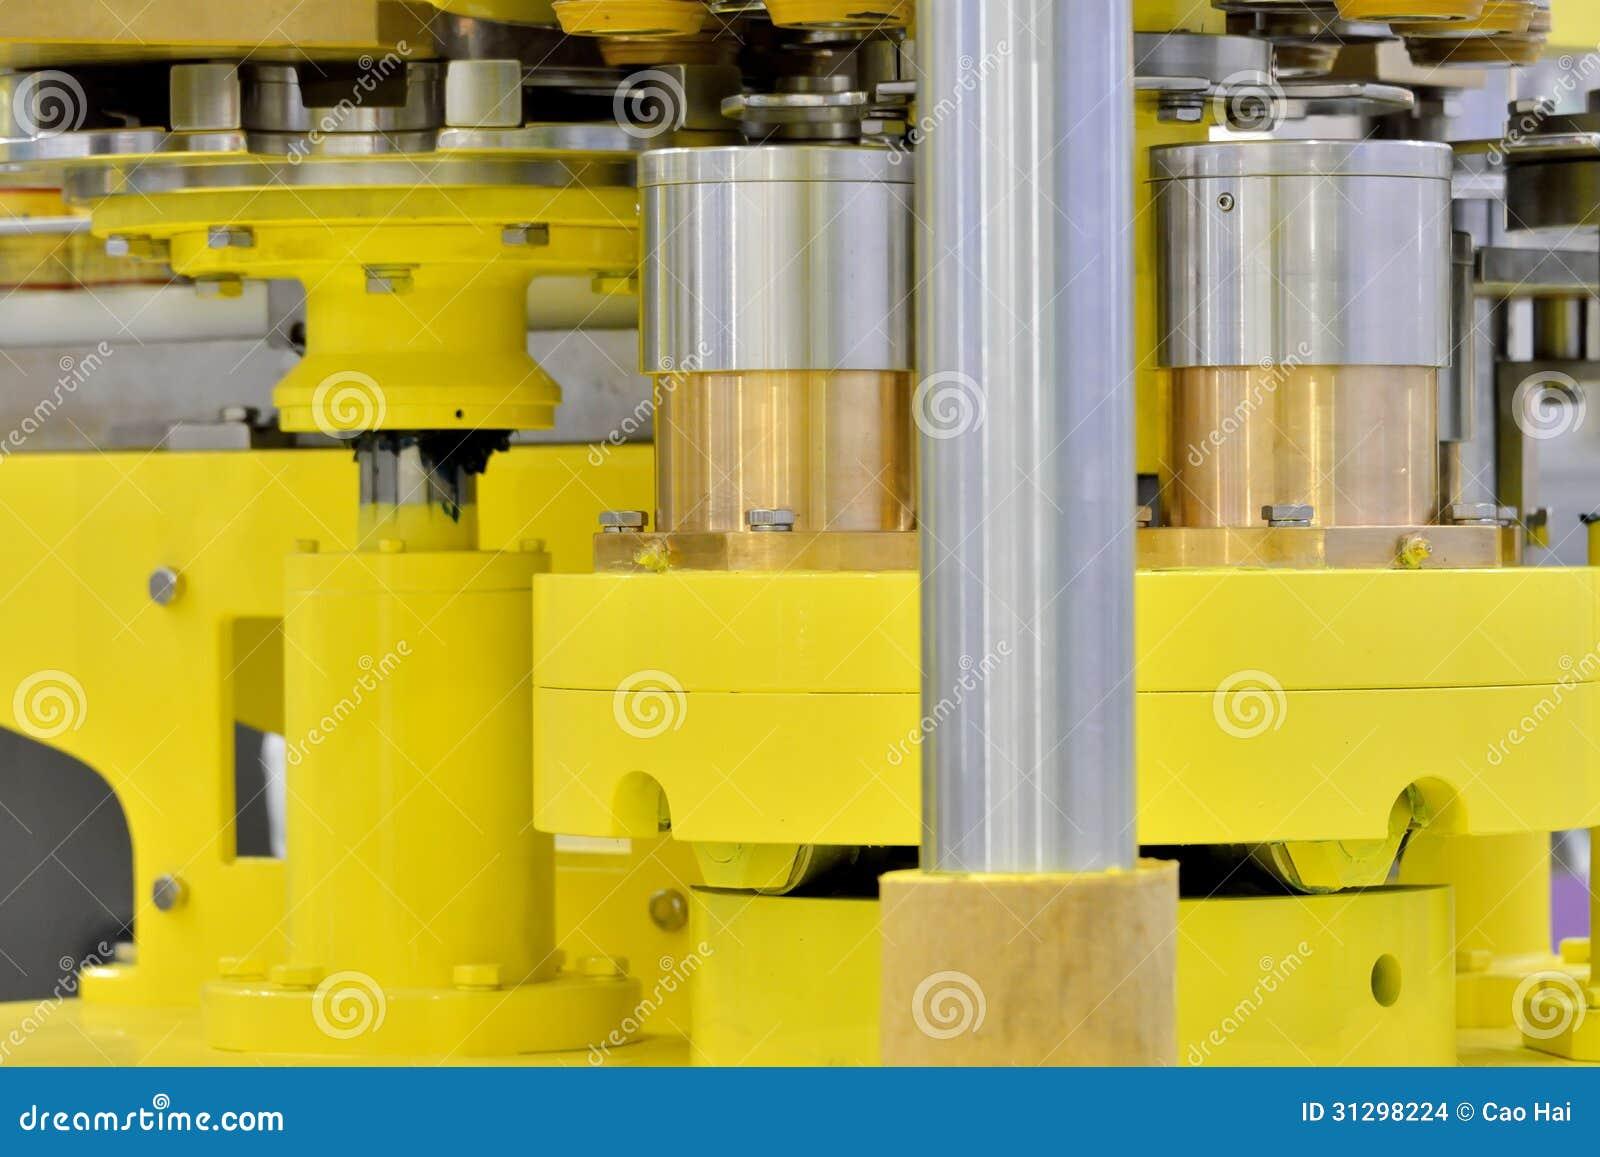 Pieza de la transmisión de equipo de fabricación